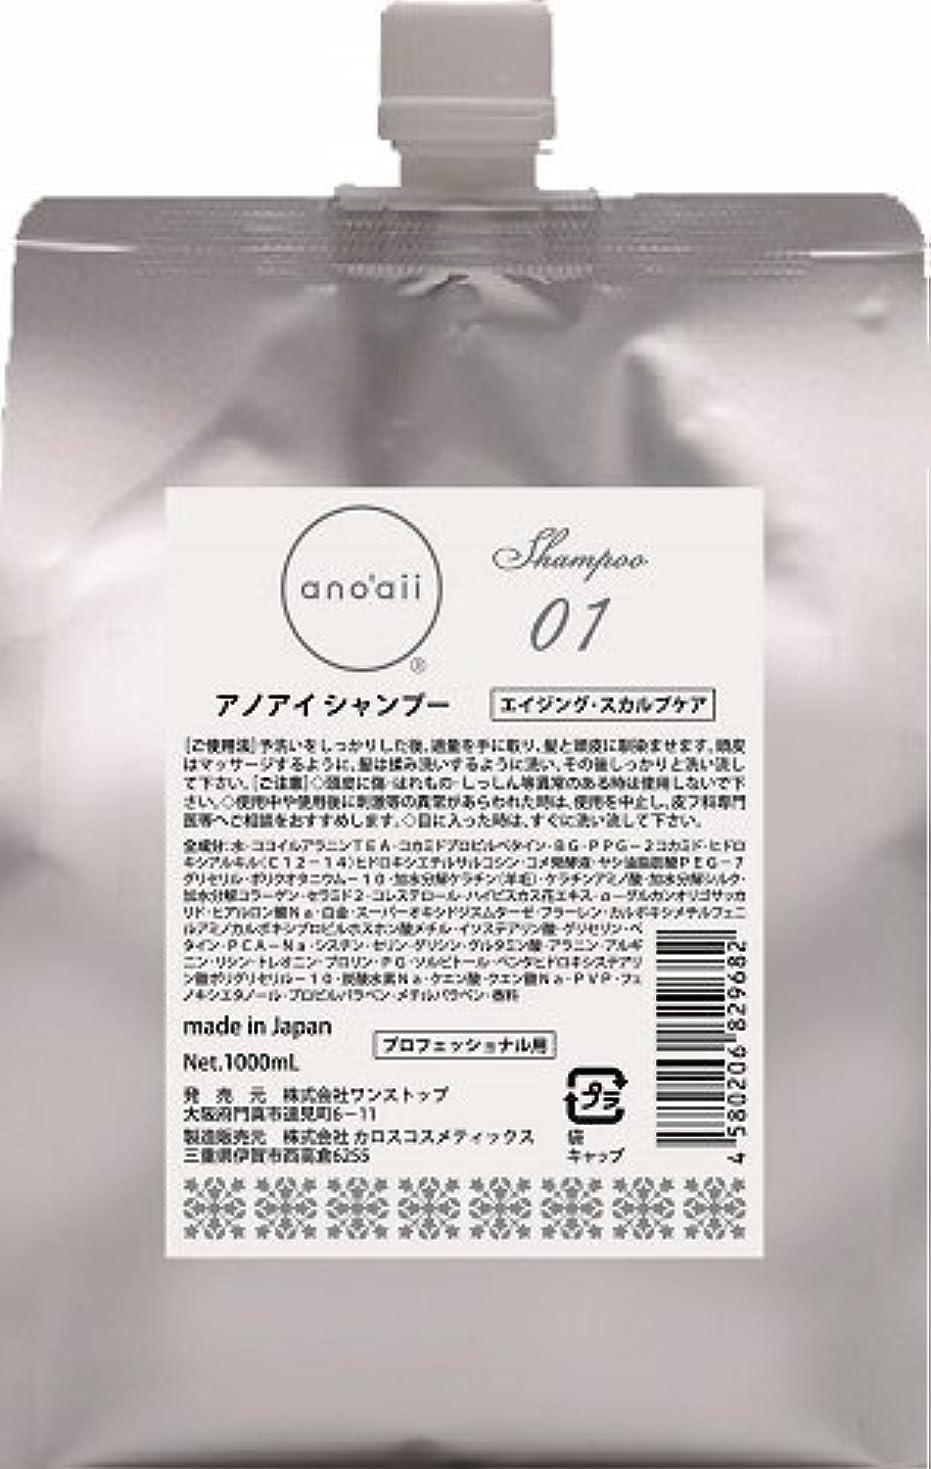 フルーツ野菜戦うツインanoaii (アノアイ) エイジングスカルプシャンプー 1000ml レフィル